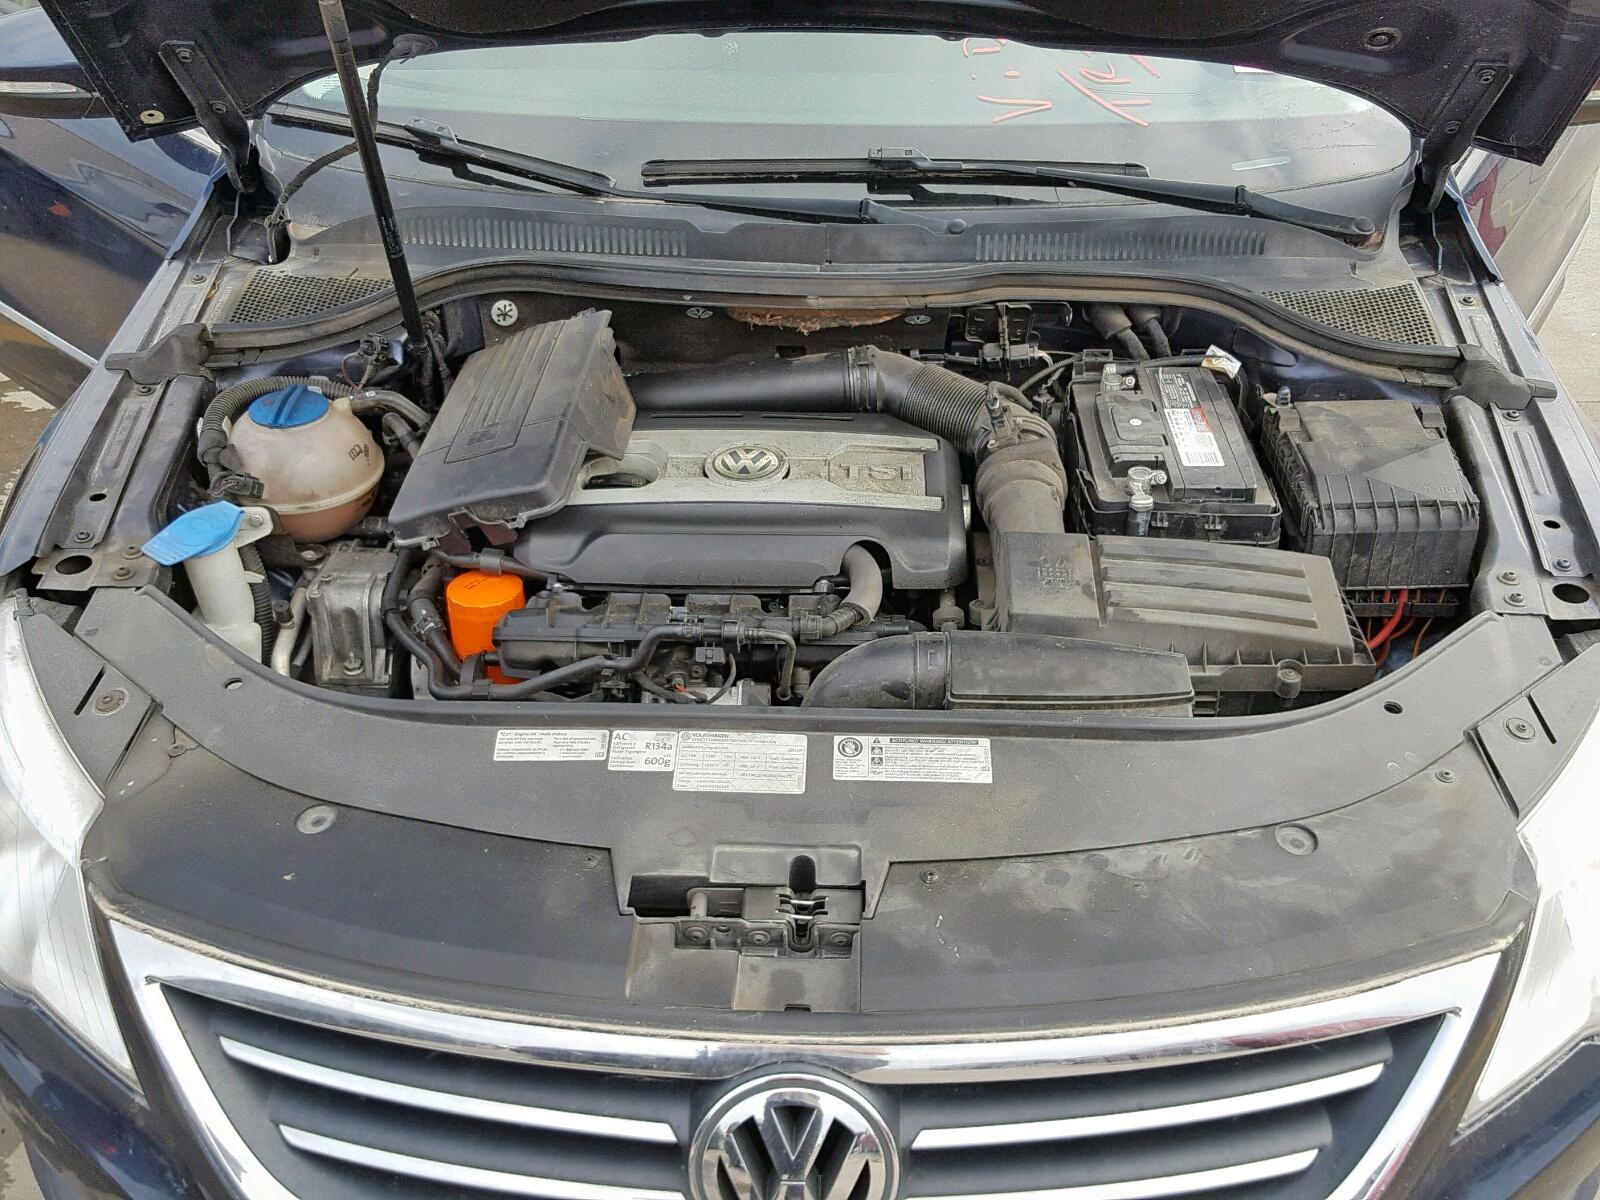 WVWMN7AN3CE521047 - 2012 Volkswagen Cc Sport 2.0L inside view